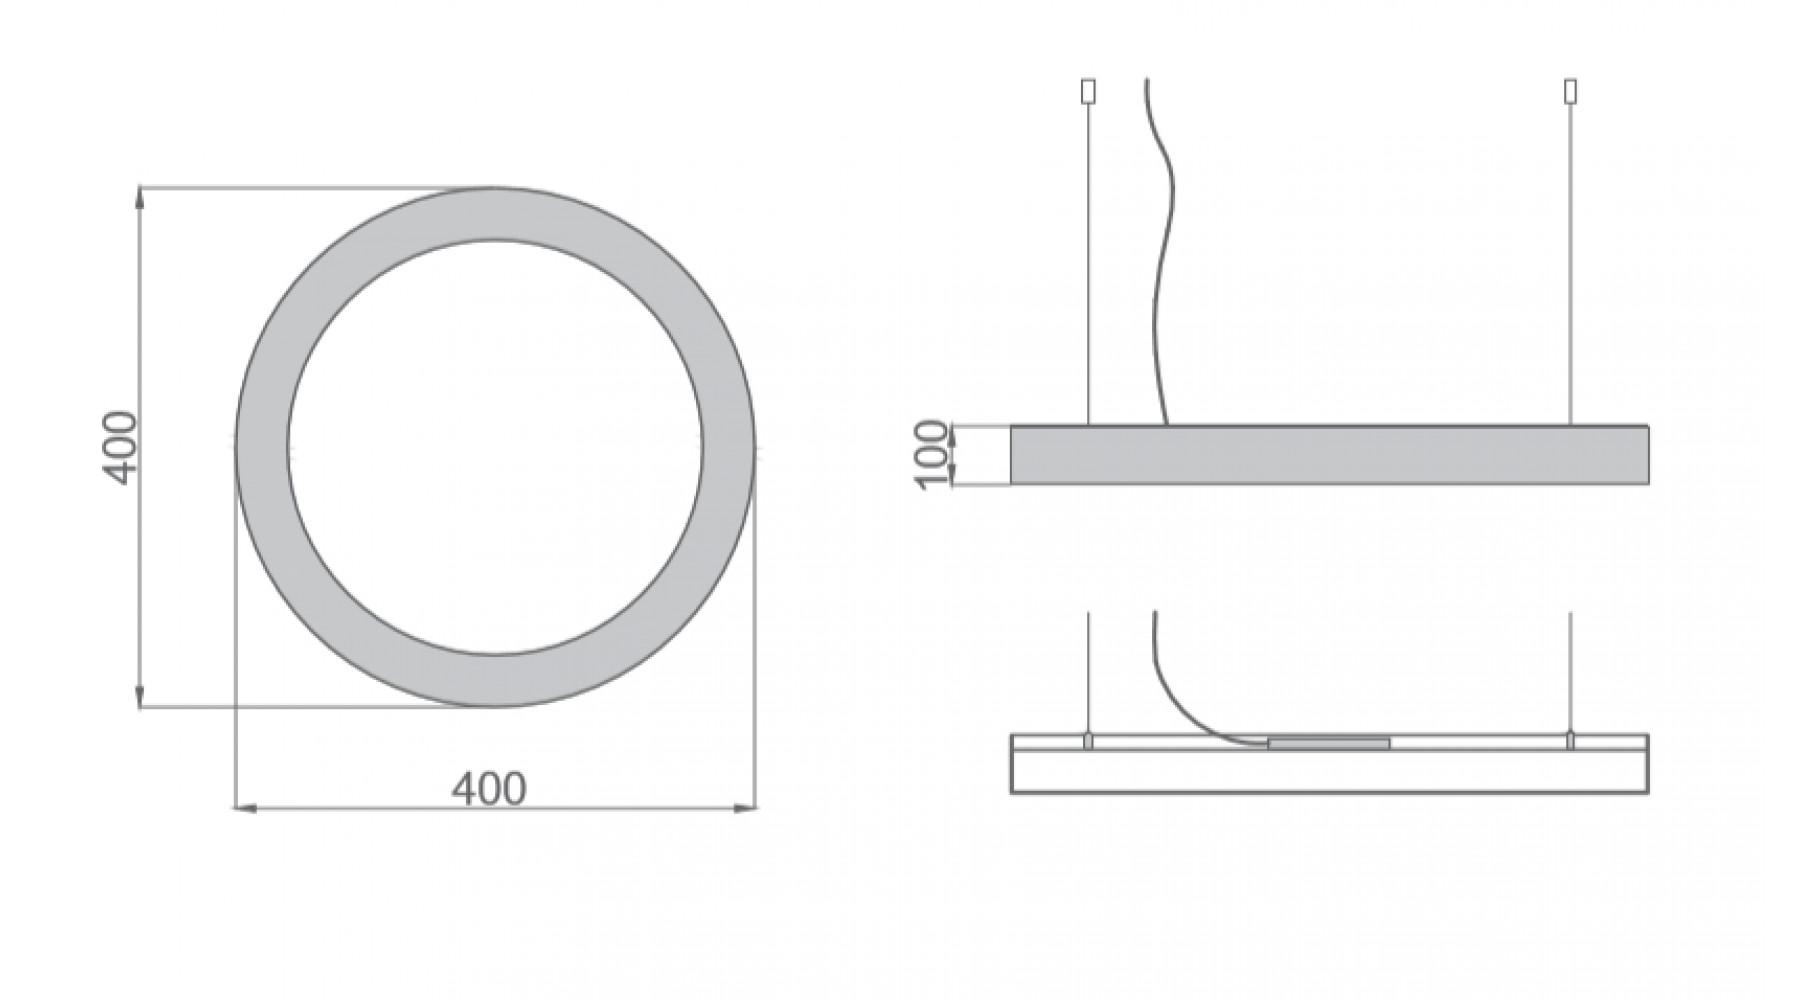 Кольцевой светодиодный светильник SUNRing - d400х100мм S=80мм, 24Вт, 2184Лм, IP20